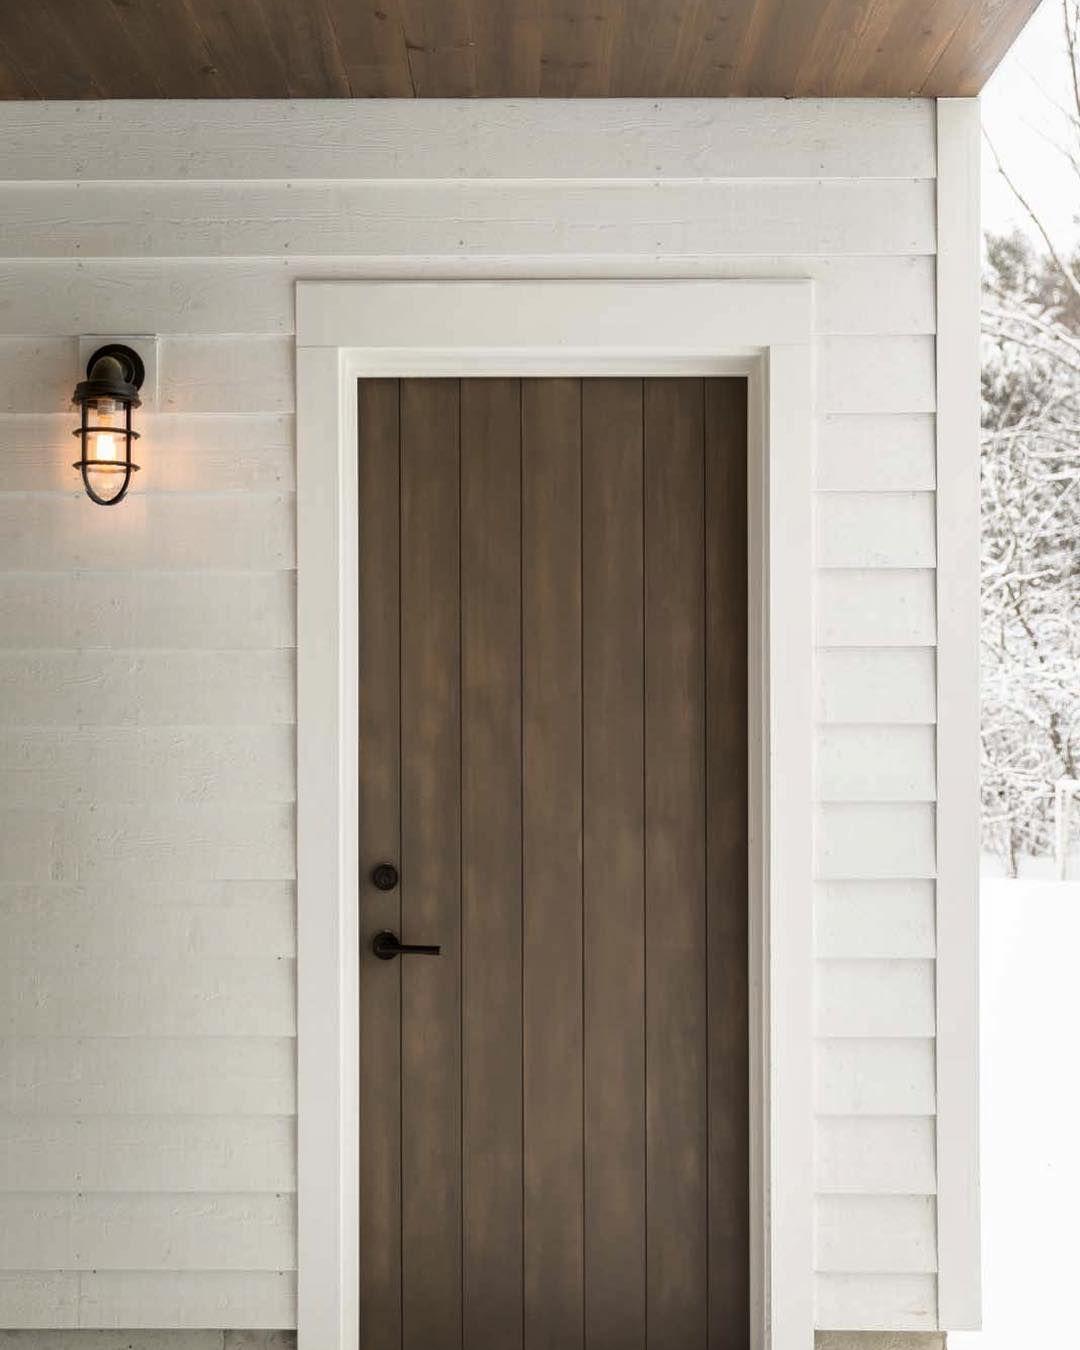 M A I N E H O M E D E S I G N On Instagram A Custom Built Stained Pine Door By Benjaminandcompany Leads To The Garage The Cei Pine Doors Doors Custom Build